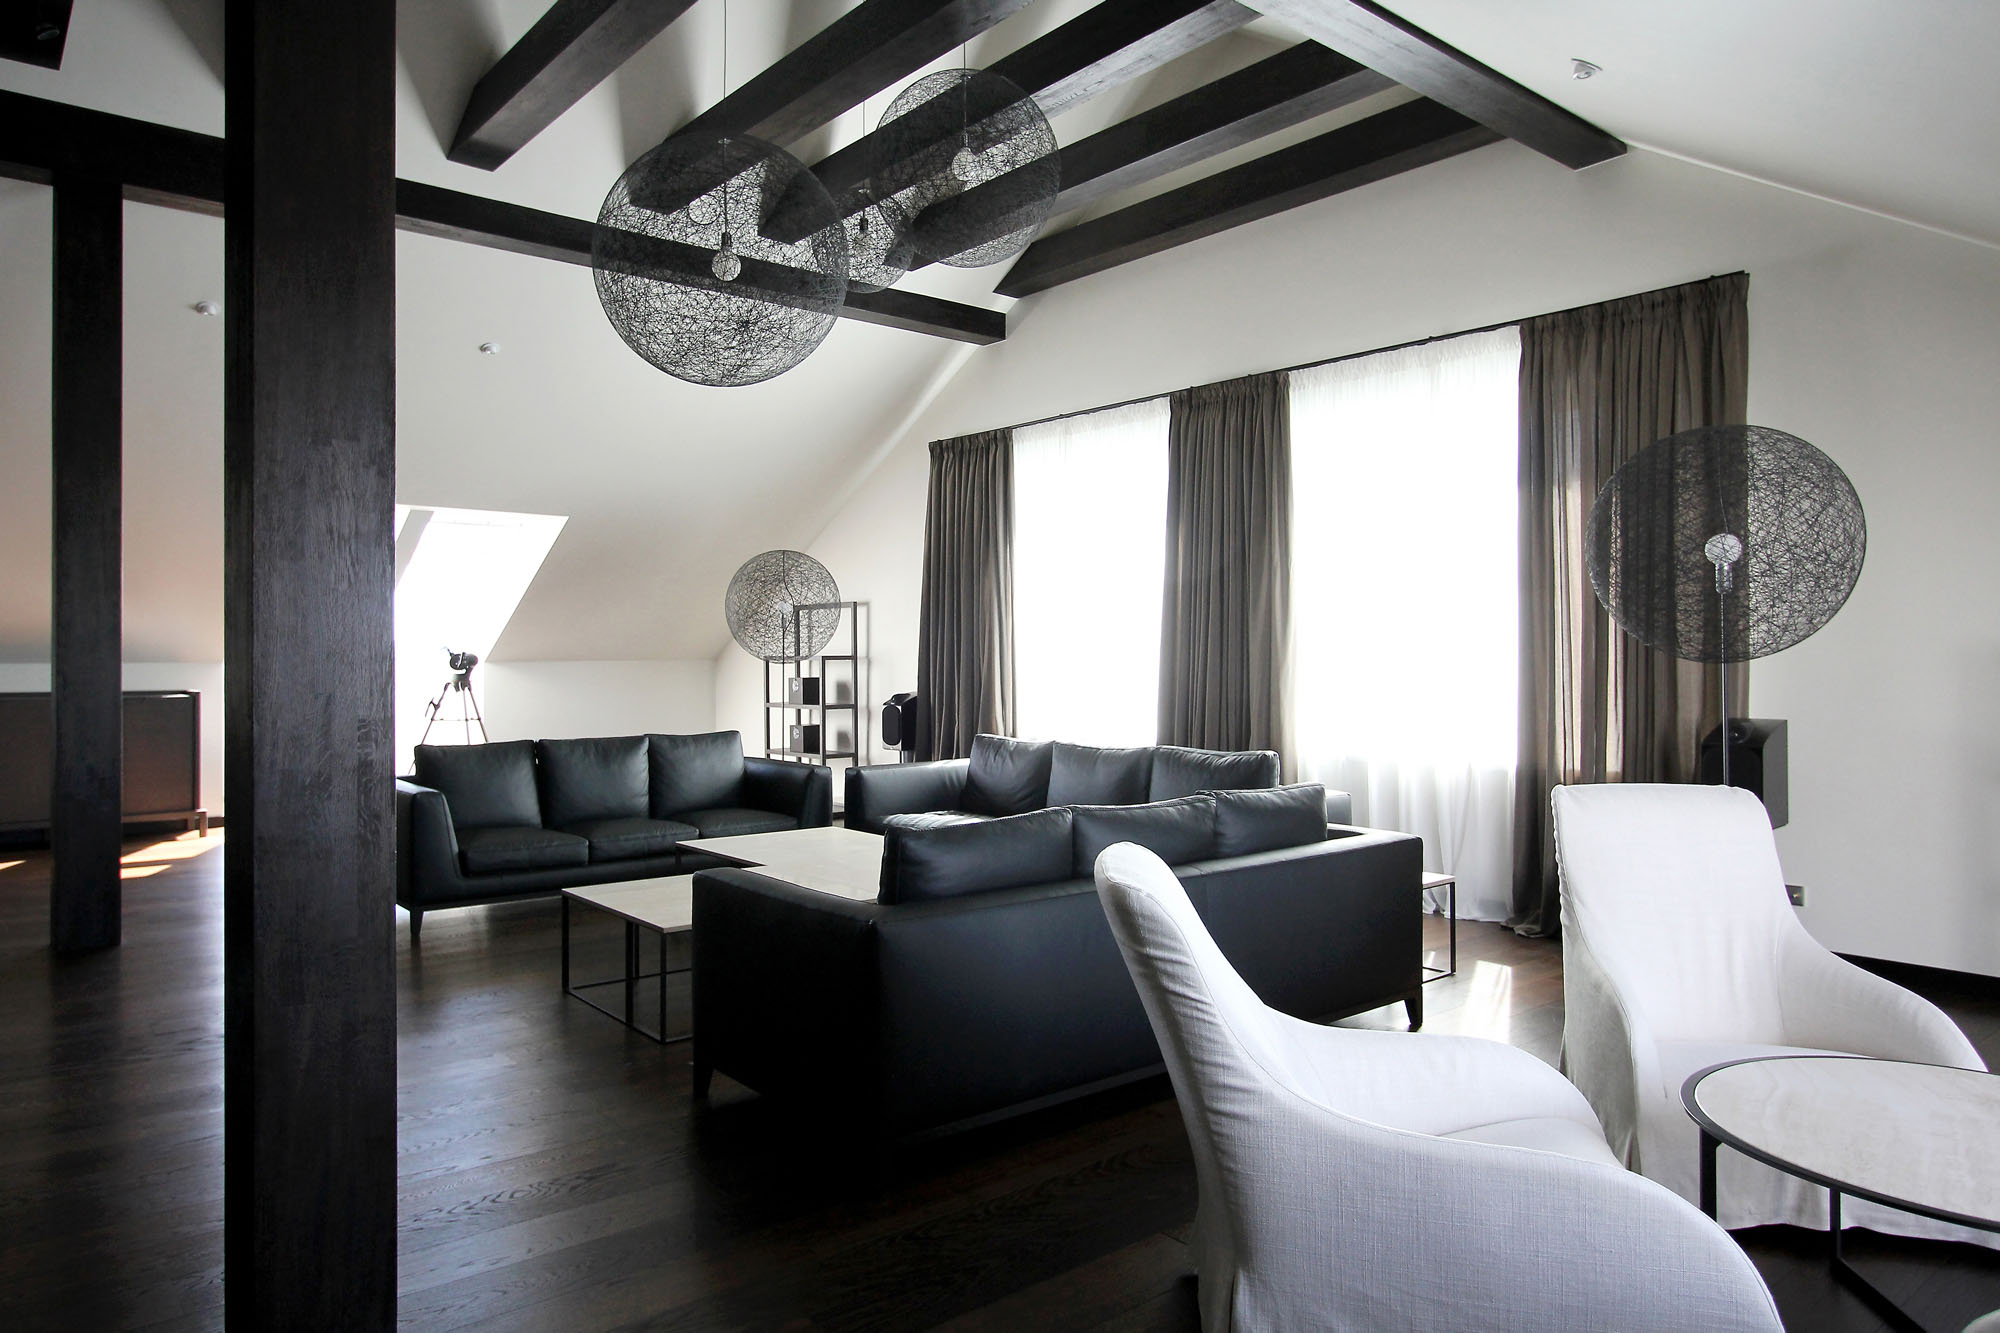 Penthouse 03 by Ramunas Manikas (1)